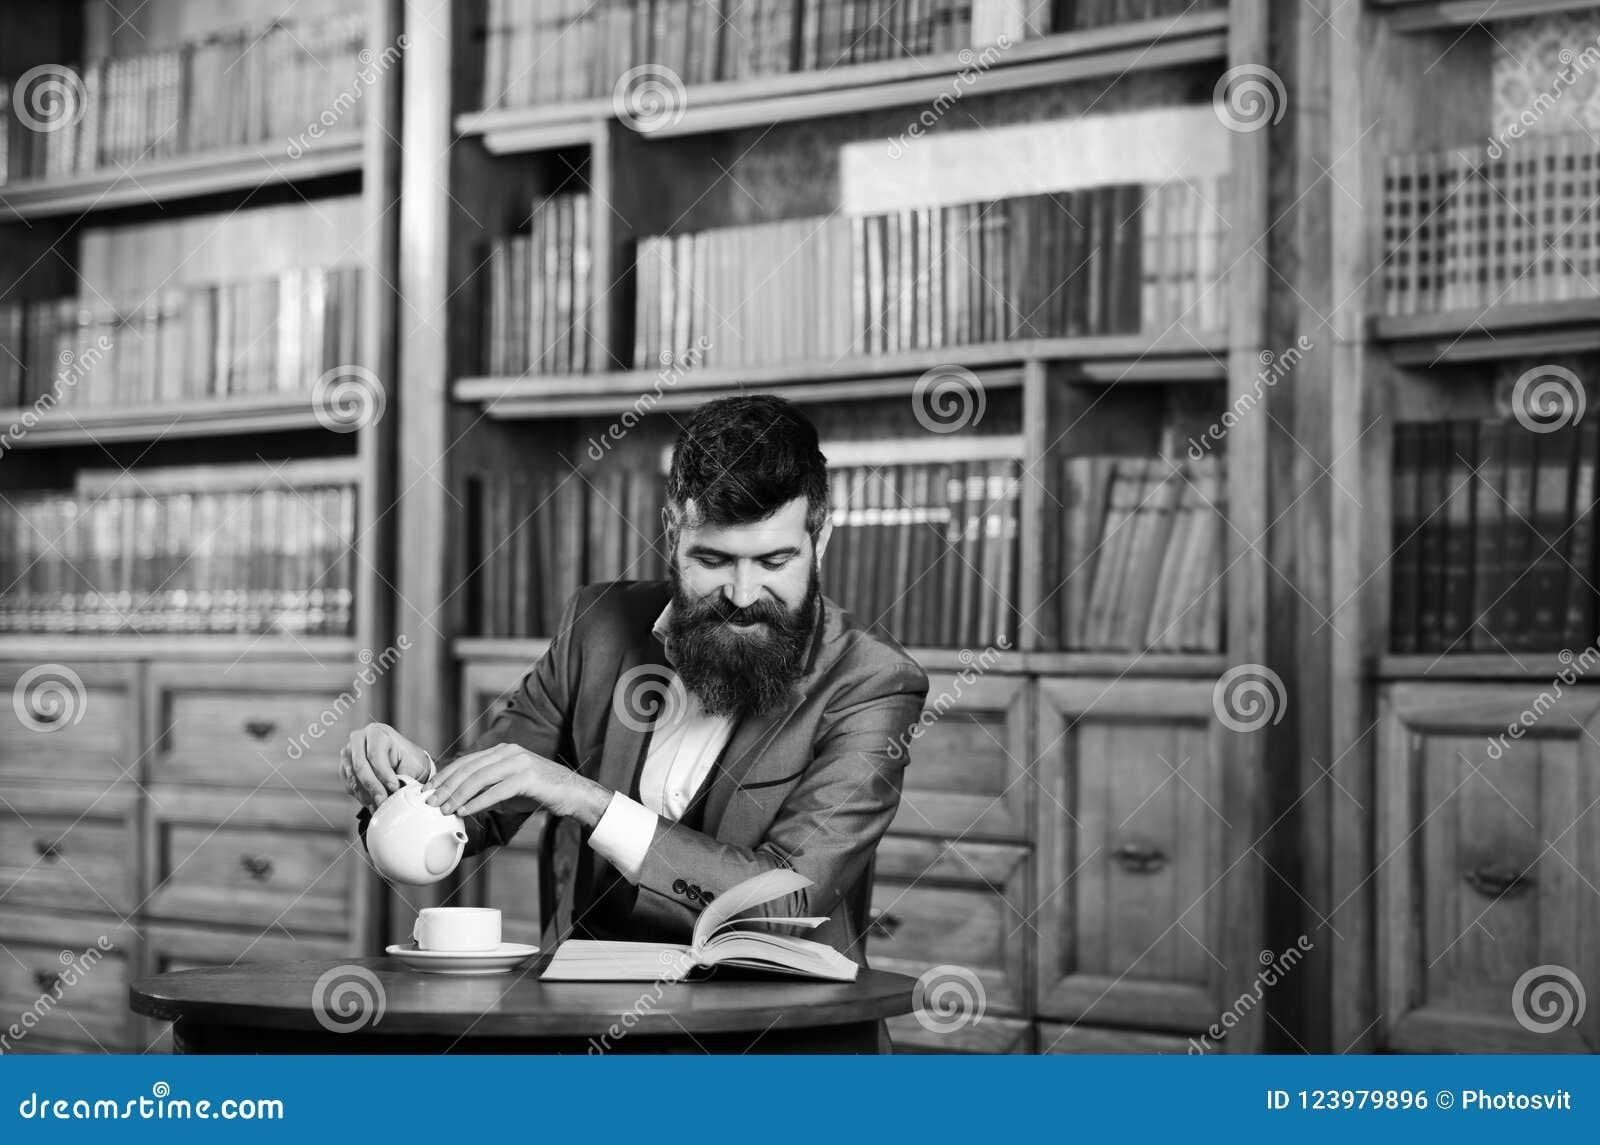 笑,放松,乐趣,休闲,爱好概念 愉快的人在内部的葡萄酒坐并且享受松弛读书 博若莱红葡萄酒